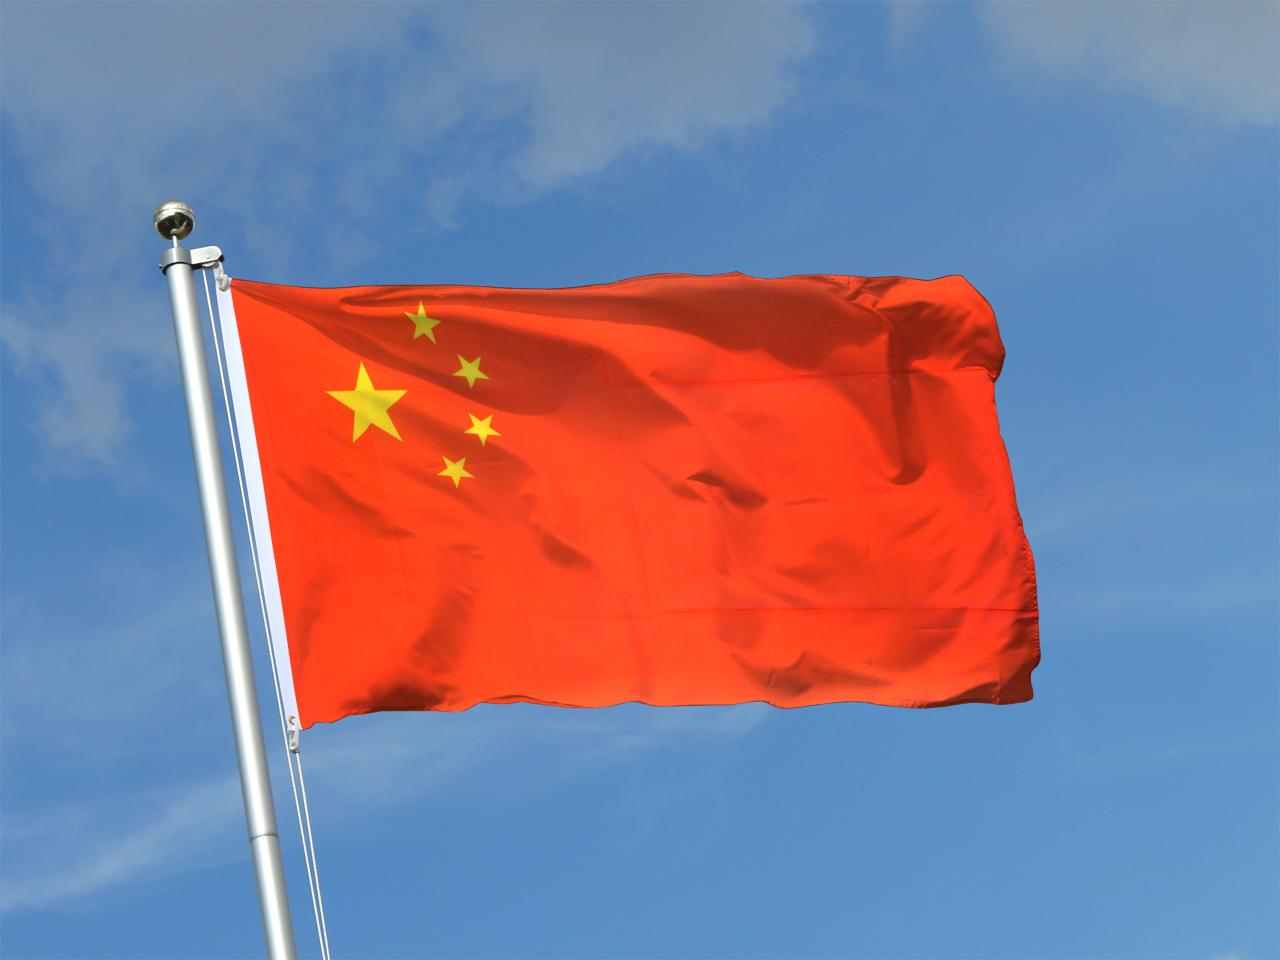 drapeau chine acheter drapeau chinois pas cher m des drapeaux. Black Bedroom Furniture Sets. Home Design Ideas